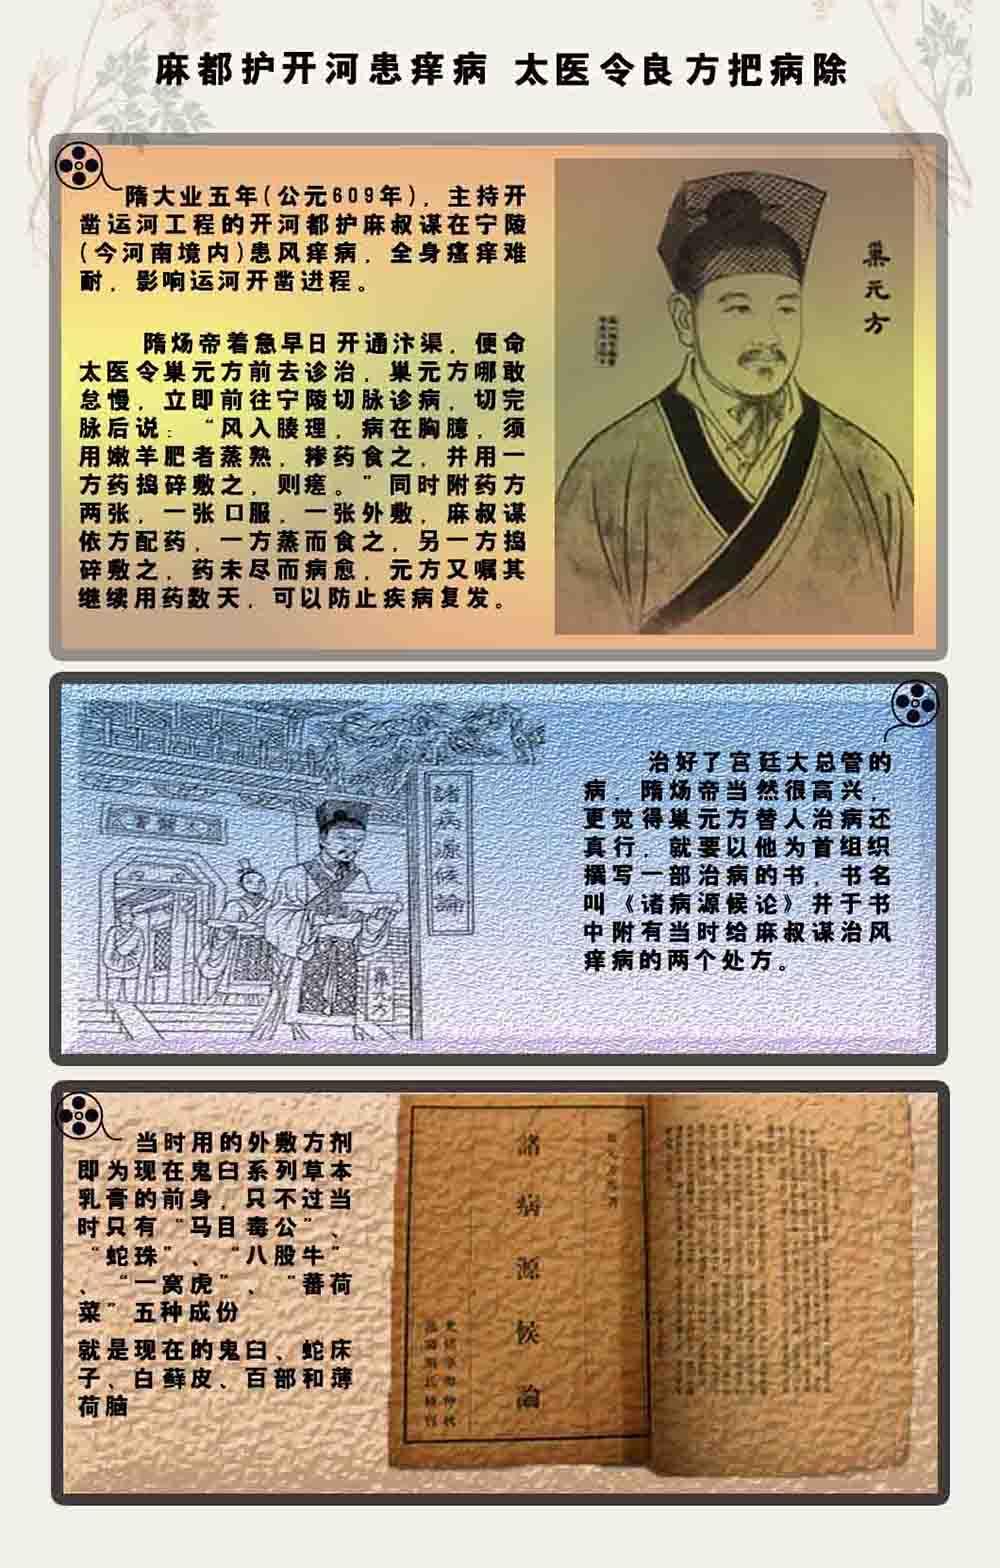 香港本草斋(本草斋®) 鬼臼王草本乳膏(鬼臼王®)品牌故事1